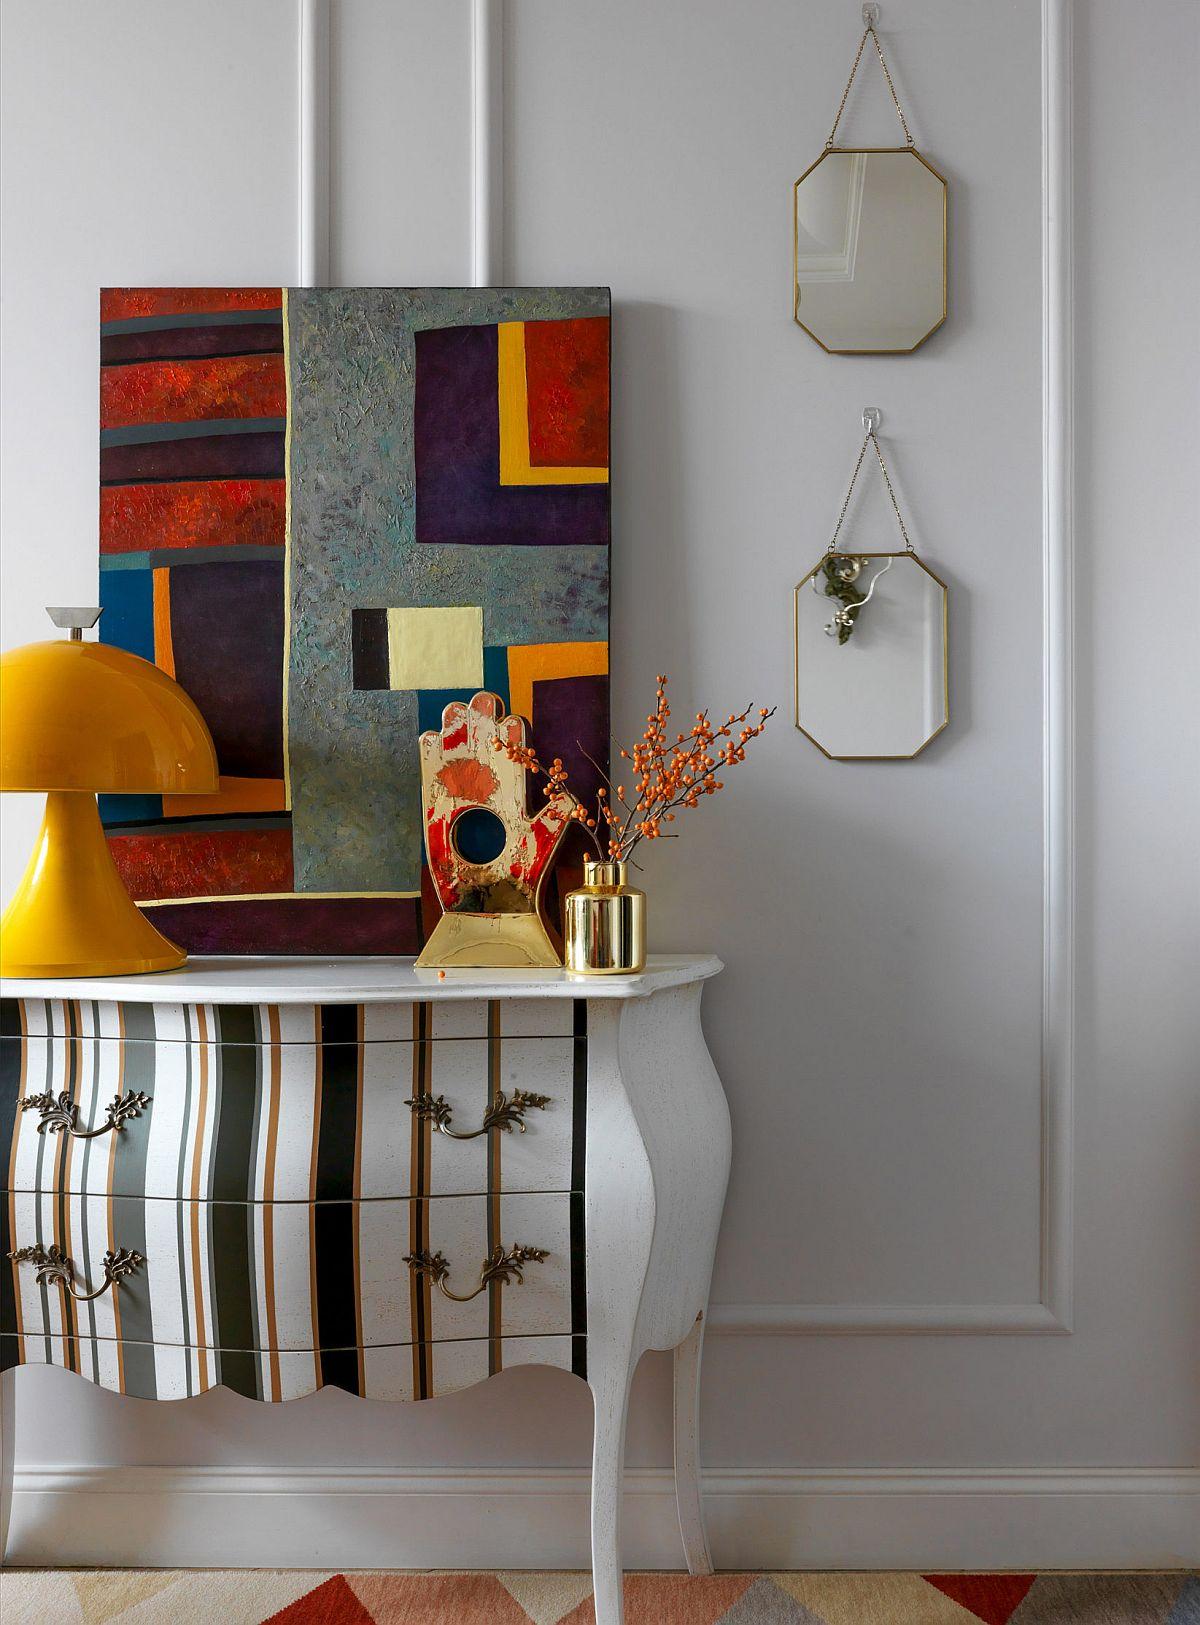 În fața canapelei o comodă clasică, dar actual personalizată este suportul perfect pentru lucrări de artă contemporană care personalizează prin mesaj, formă și culoare.